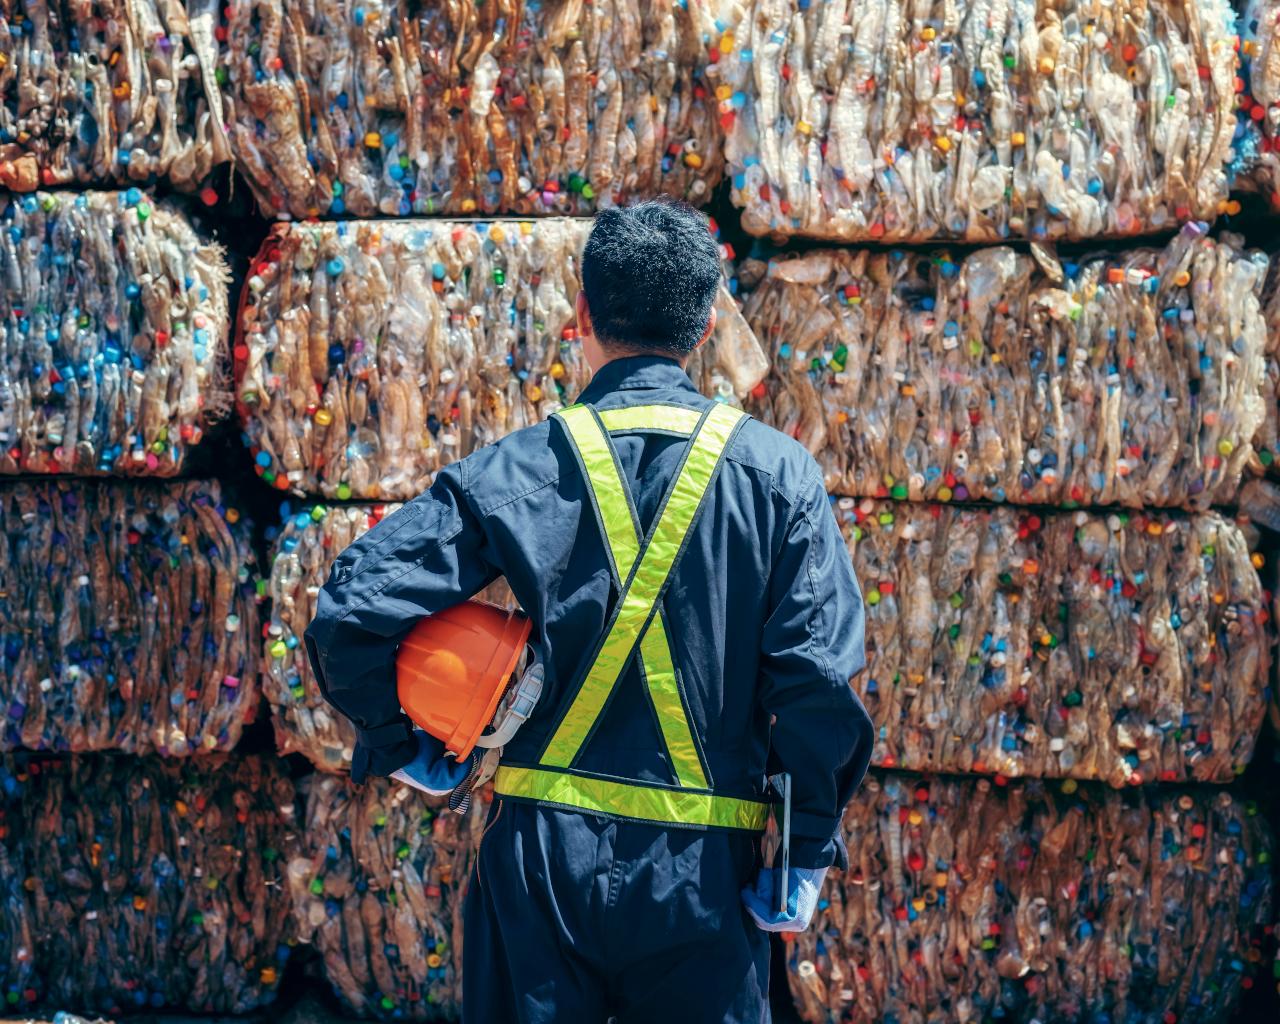 Τι Παράγουμε Συσκευασίες - Aegean Recycling Εταιρεία Ανακύκλωσης & Επεξεργασίας Αποβλήτων Αστικού & Βιομηχανικού Τύπου